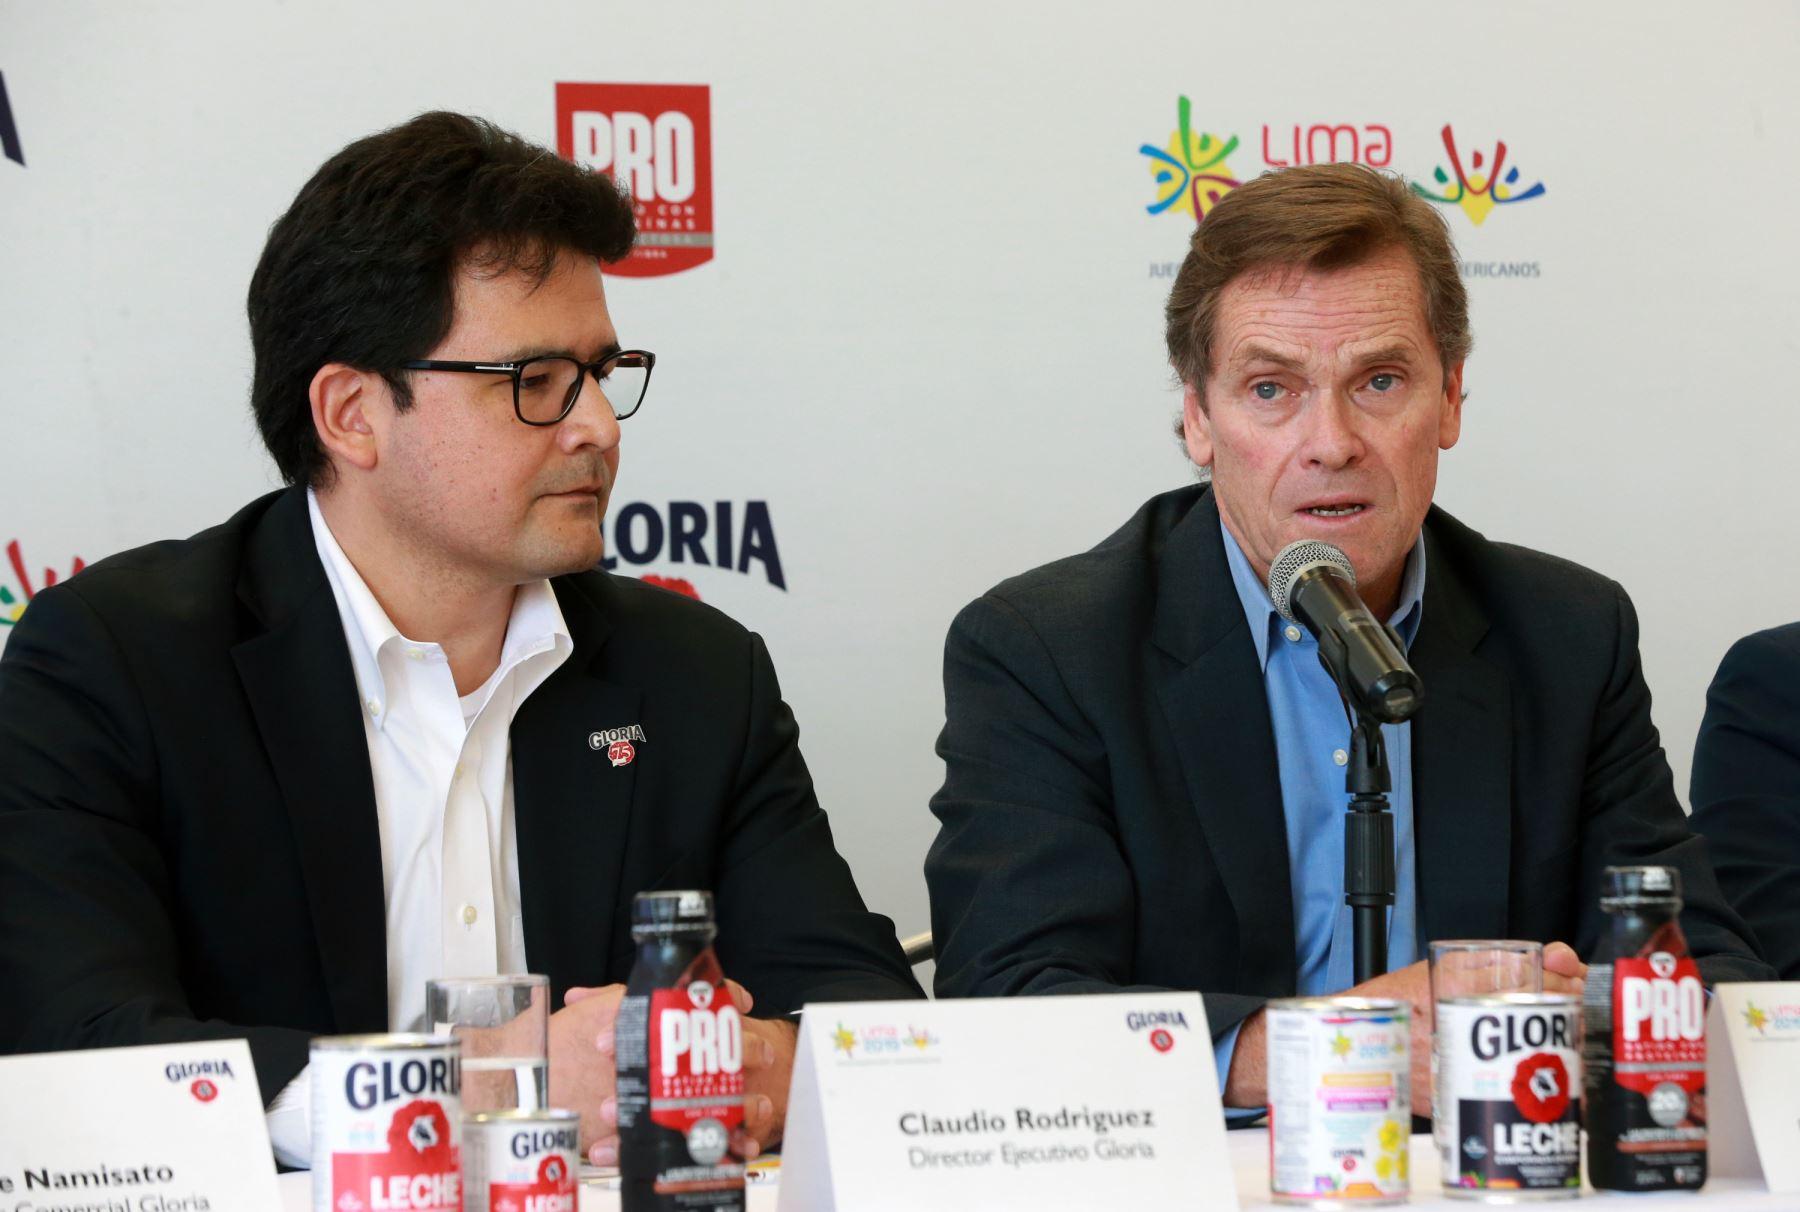 En conferencia de prensa se anuncia a Gloria como nuevo patrocinador de  los Juegos  Panamericanos y Parapanamericanos Lima 2109. Foto: ANDINA/Norman Córdova